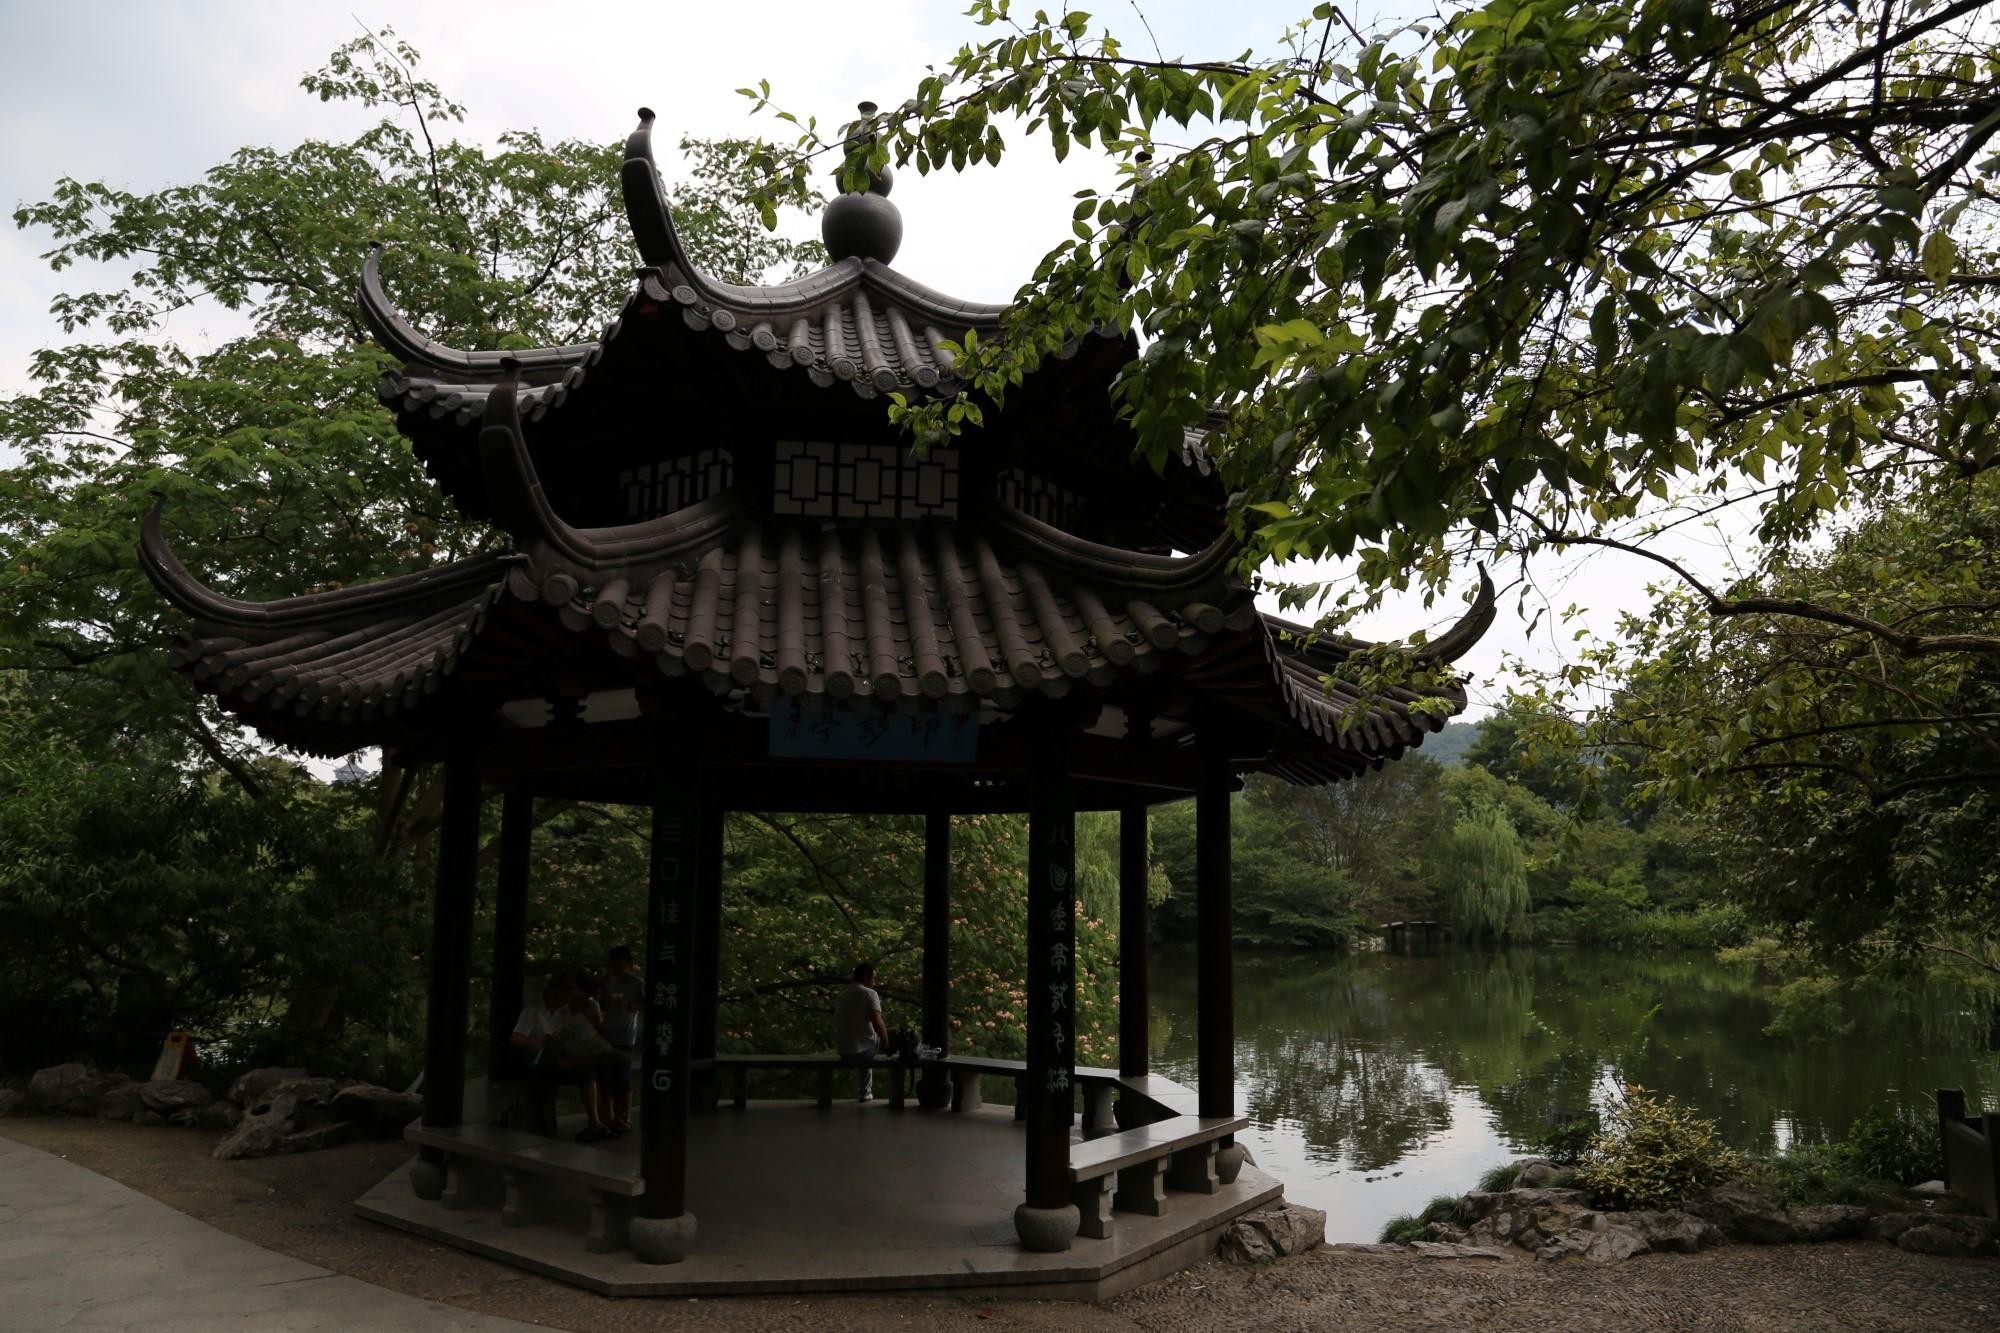 هانغتشو وأهم معالمها السياحية